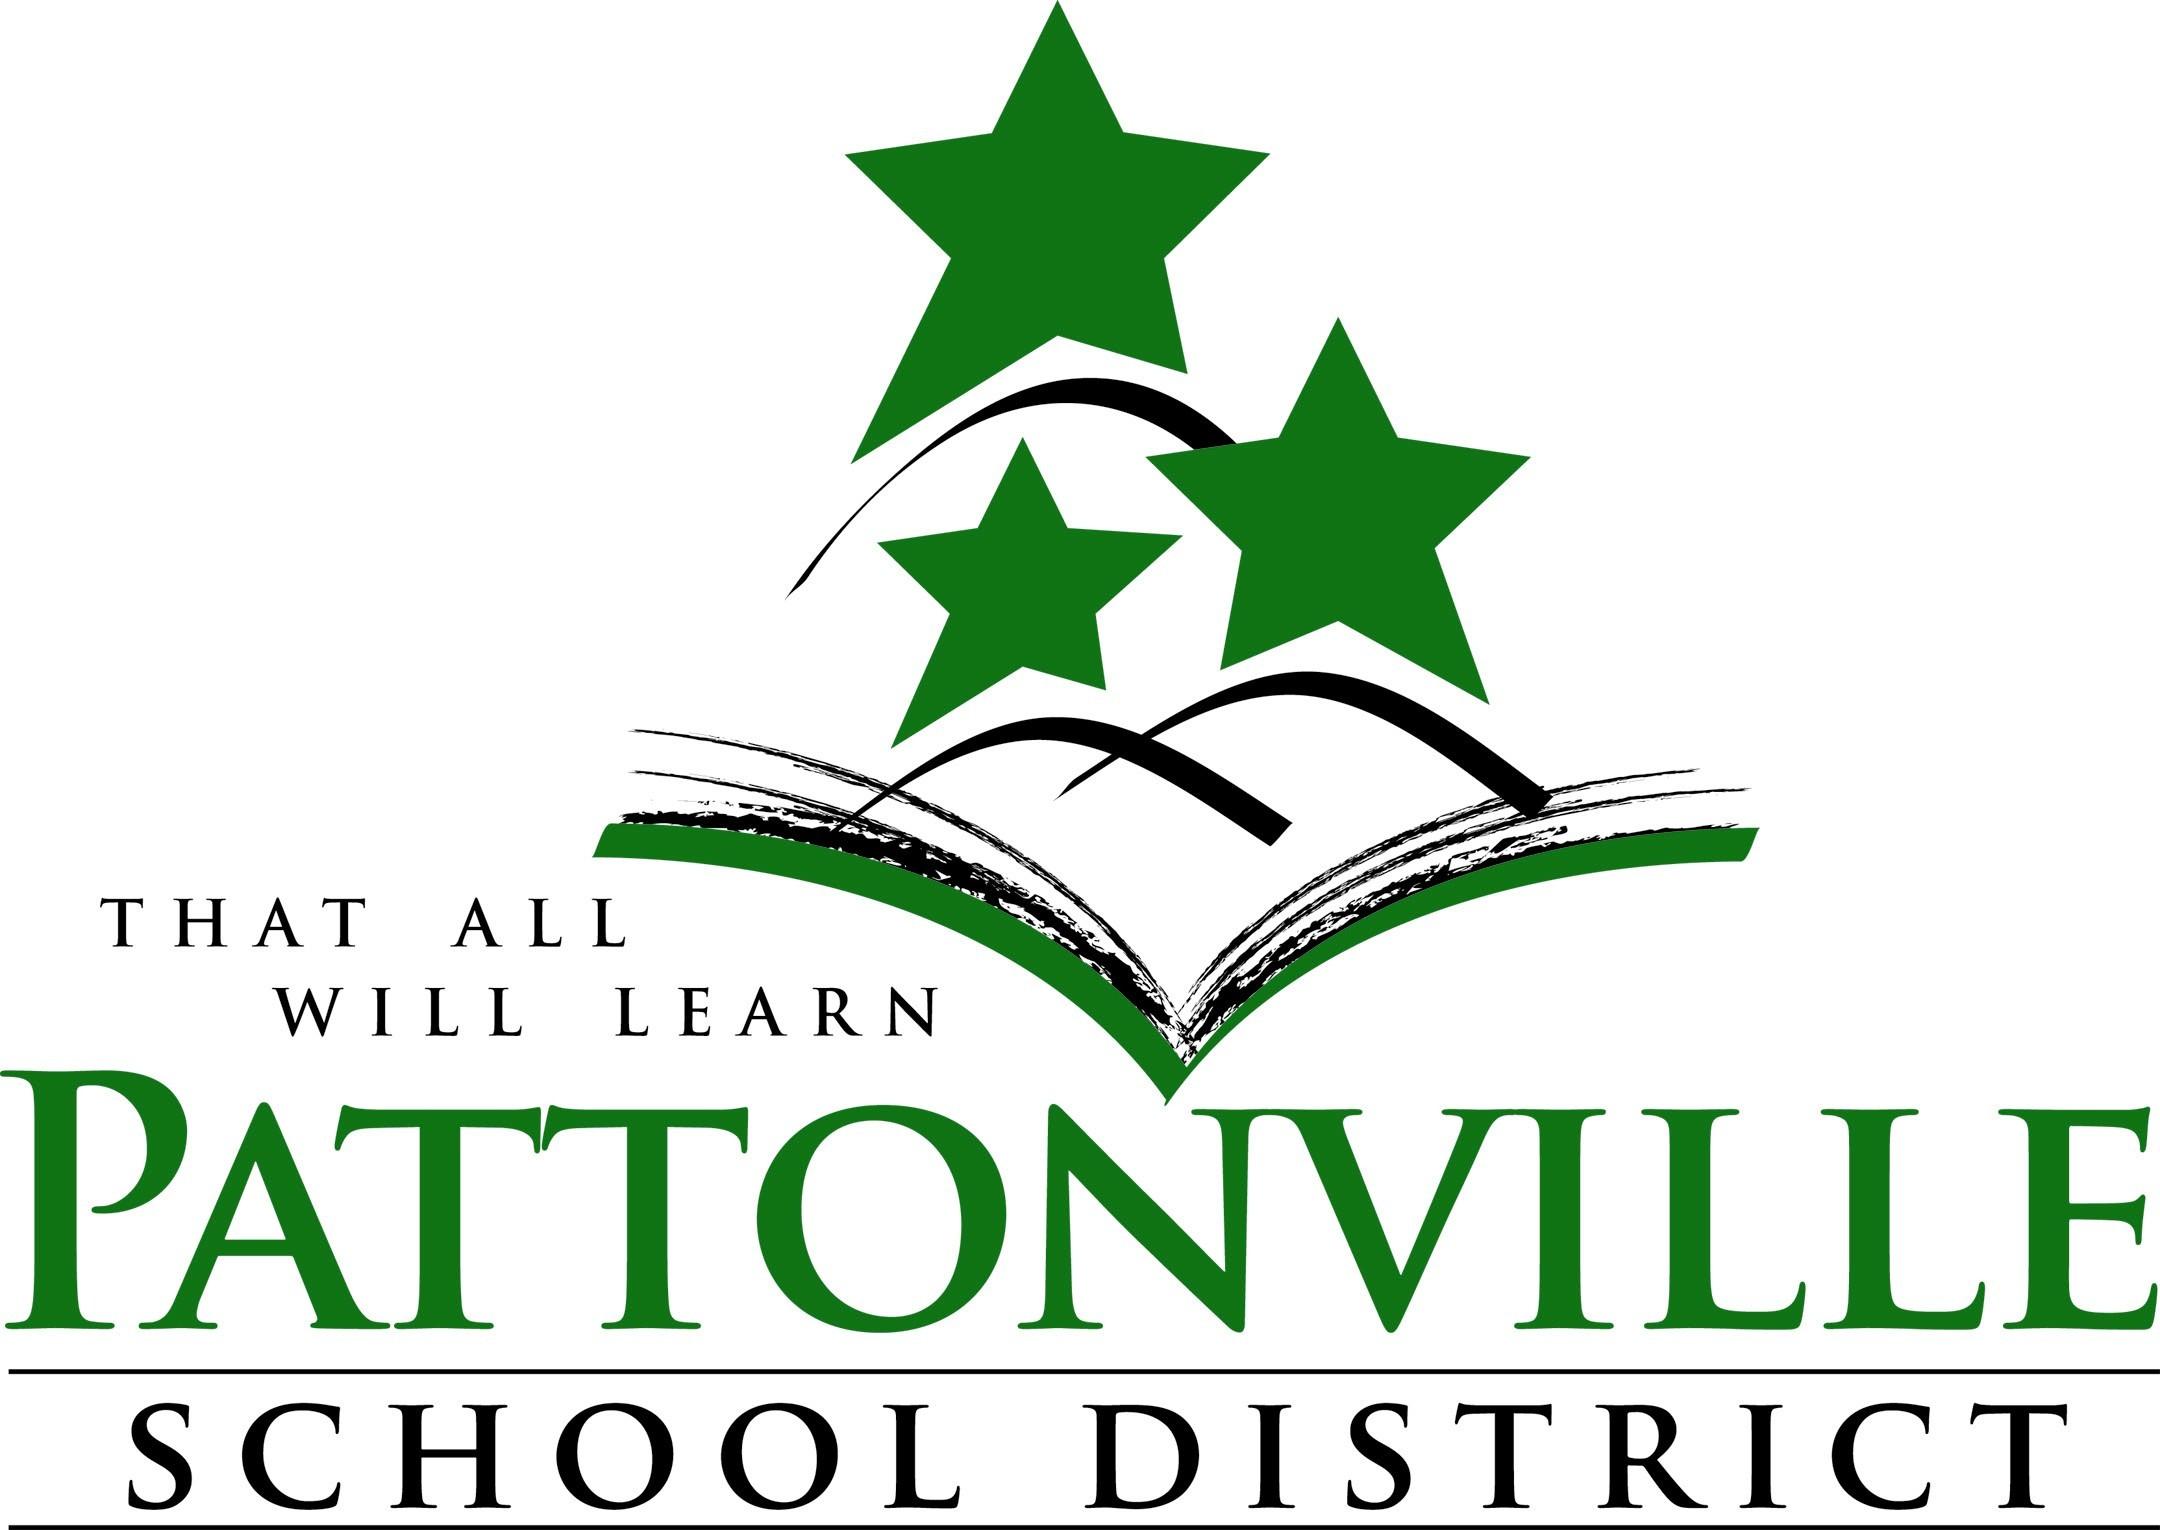 pattonville-2-color-transparent